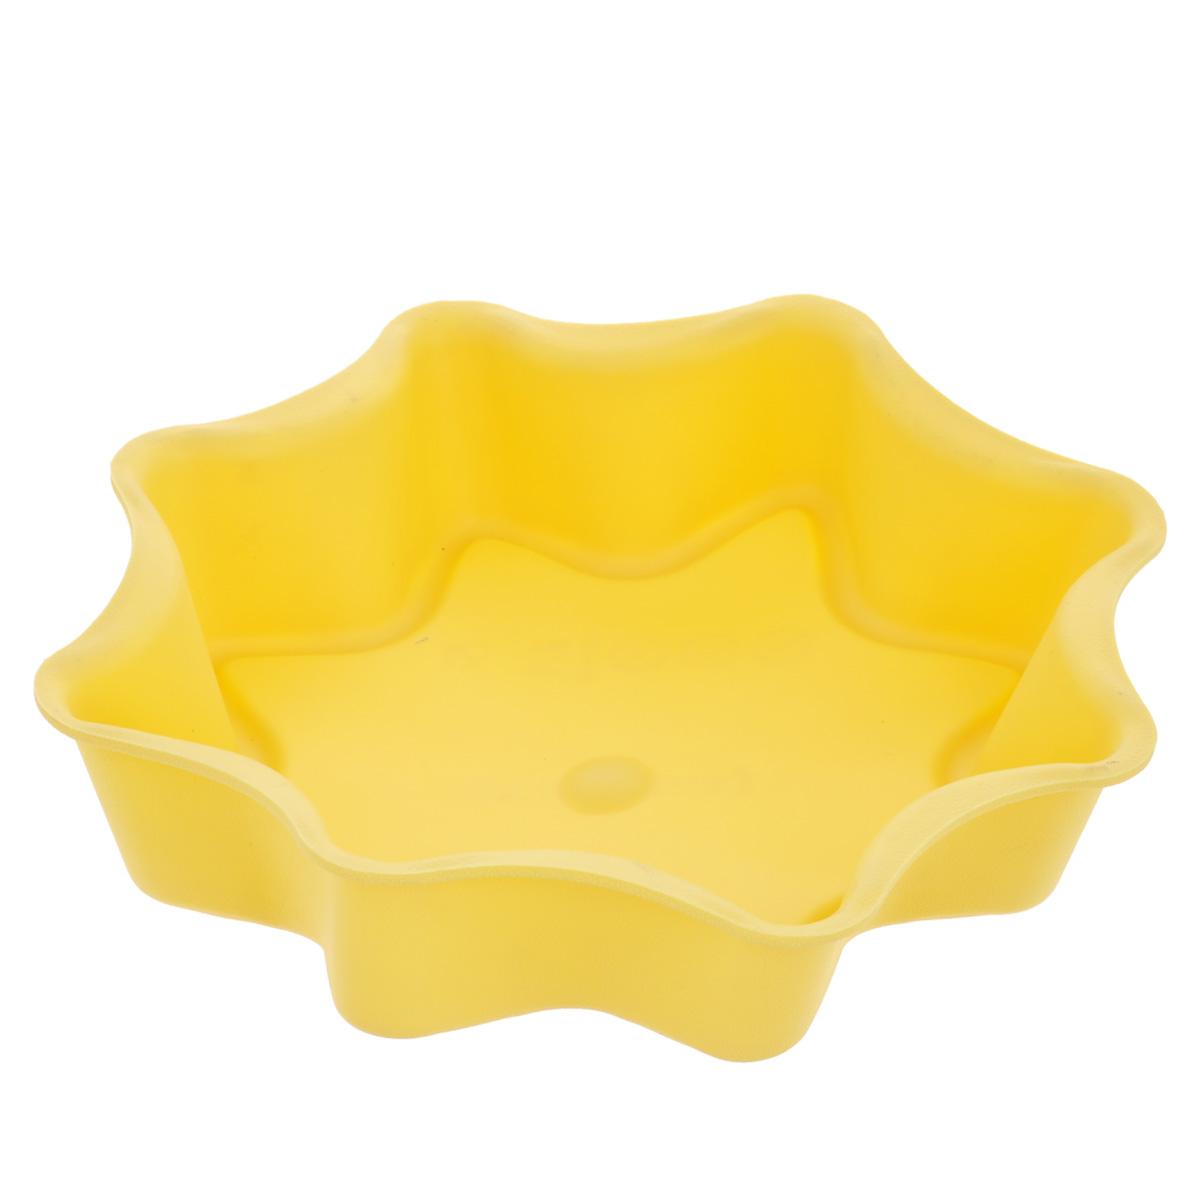 Форма для выпечки Tescoma Delicia Silicone, цвет: желтый, диаметр 28 см629274Форма Tescoma Delicia Silicone, выполненная в виде восьмиконечной звезды, будет отличным выбором для всех любителей выпечки. Благодаря тому, что форма изготовлена из силикона, готовую выпечку вынимать легко и просто. Форма прекрасно подходит для выпечки пирогов, тортов и других десертов. С такой формой вы всегда сможете порадовать своих близких оригинальной выпечкой. Материал изделия устойчив к фруктовым кислотам, может быть использован в духовках, микроволновых печах, холодильниках и морозильных камерах (выдерживает температуру от -40°C до 230°C). Антипригарные свойства материала позволяют готовить без использования масла.Можно мыть и сушить в посудомоечной машине. При работе с формой используйте кухонный инструмент из силикона - кисти, лопатки, скребки. Не ставьте форму на электрическую конфорку. Не разрезайте выпечку прямо в форме.